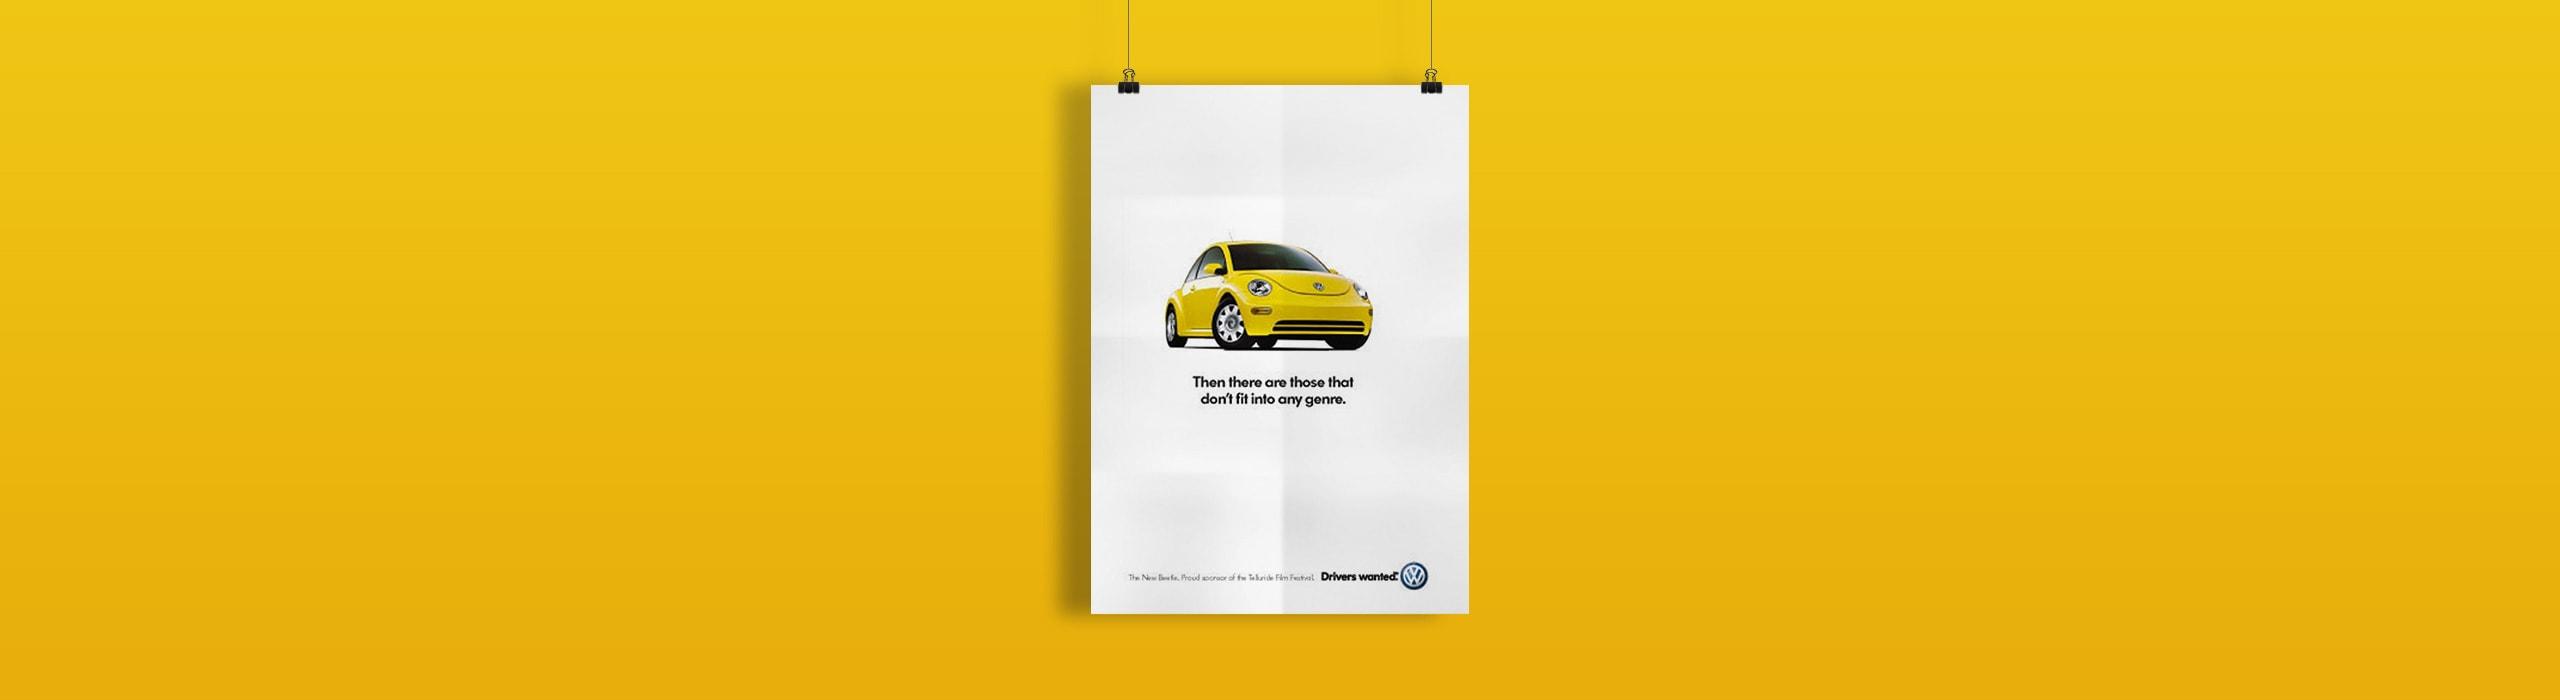 Volkswagen - natie-volkswagen-billboard-01 - Natie Branding Agency